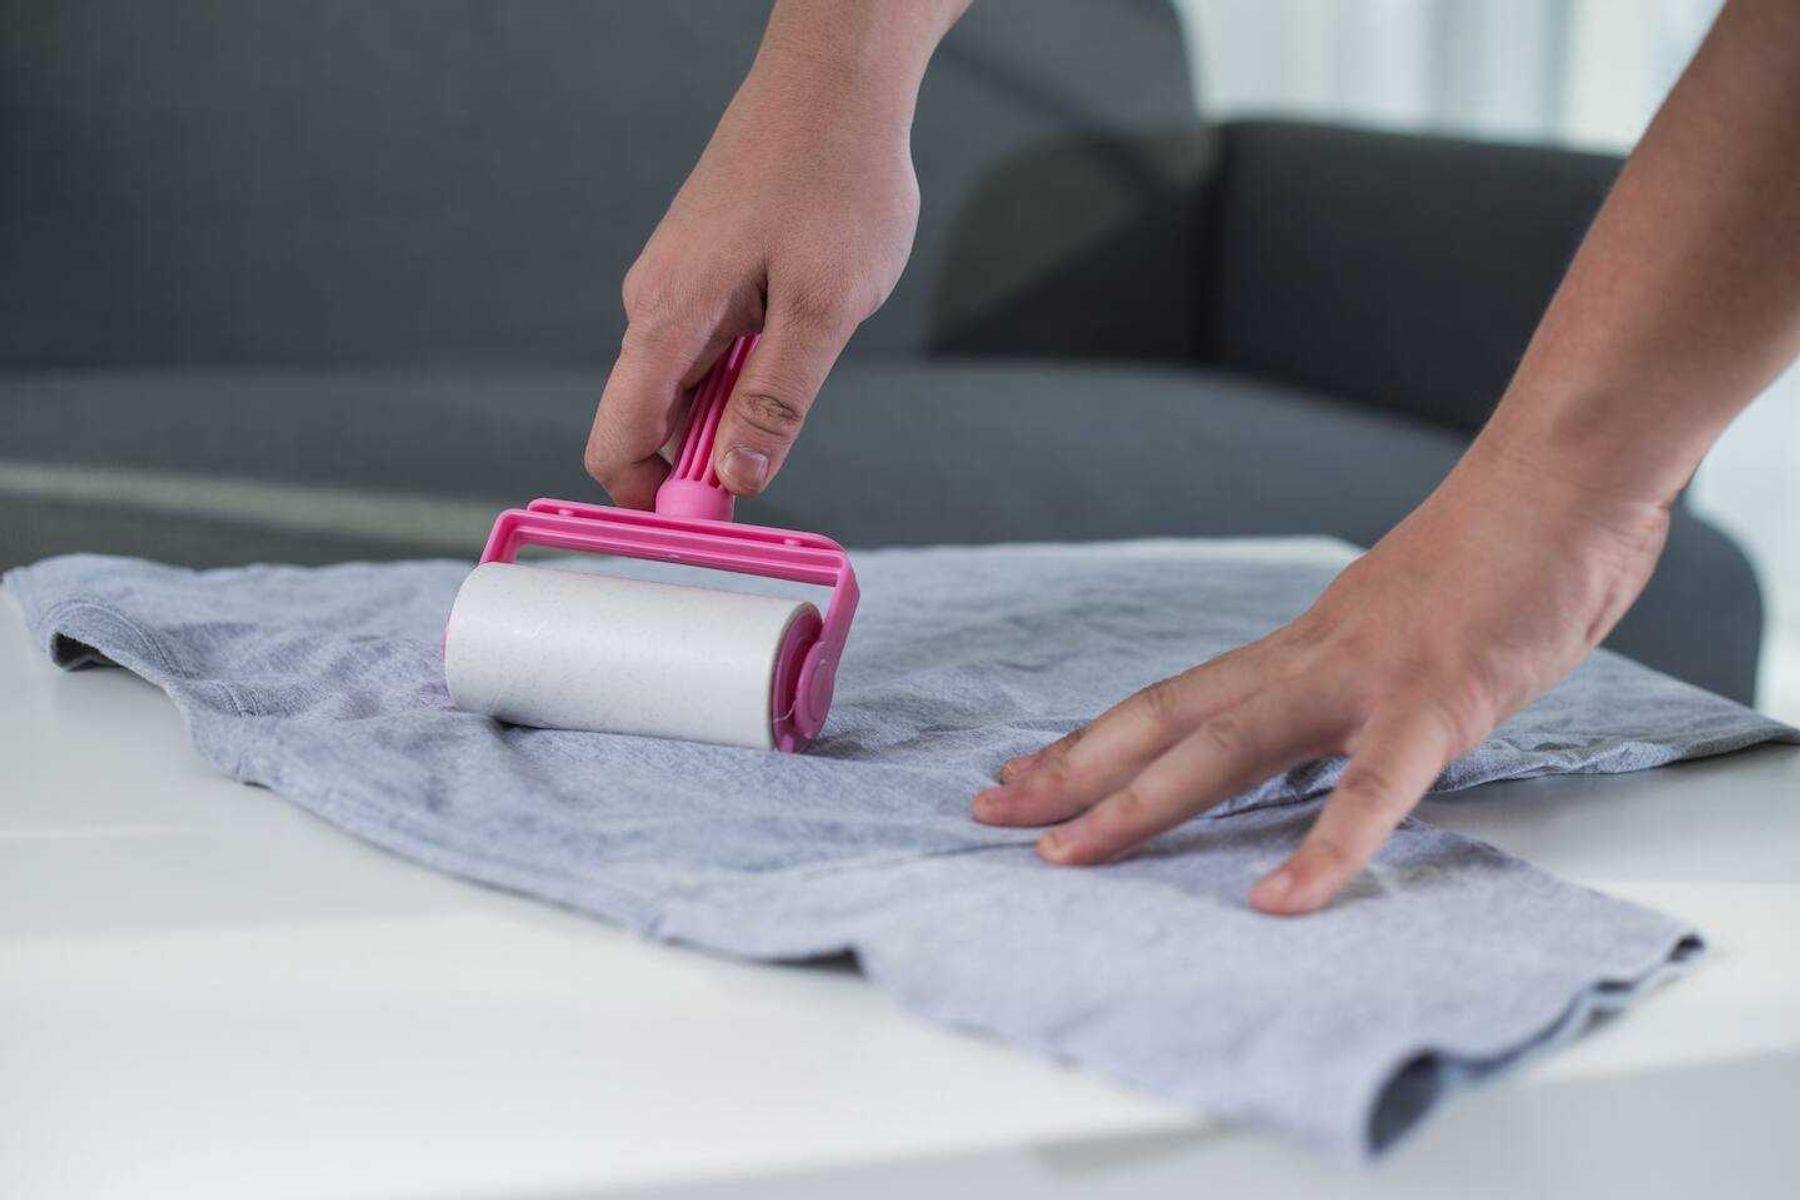 Step 2: Dùng cuộn băng dính, cây lăn bụi xử lý đám xù lông trên áo thun